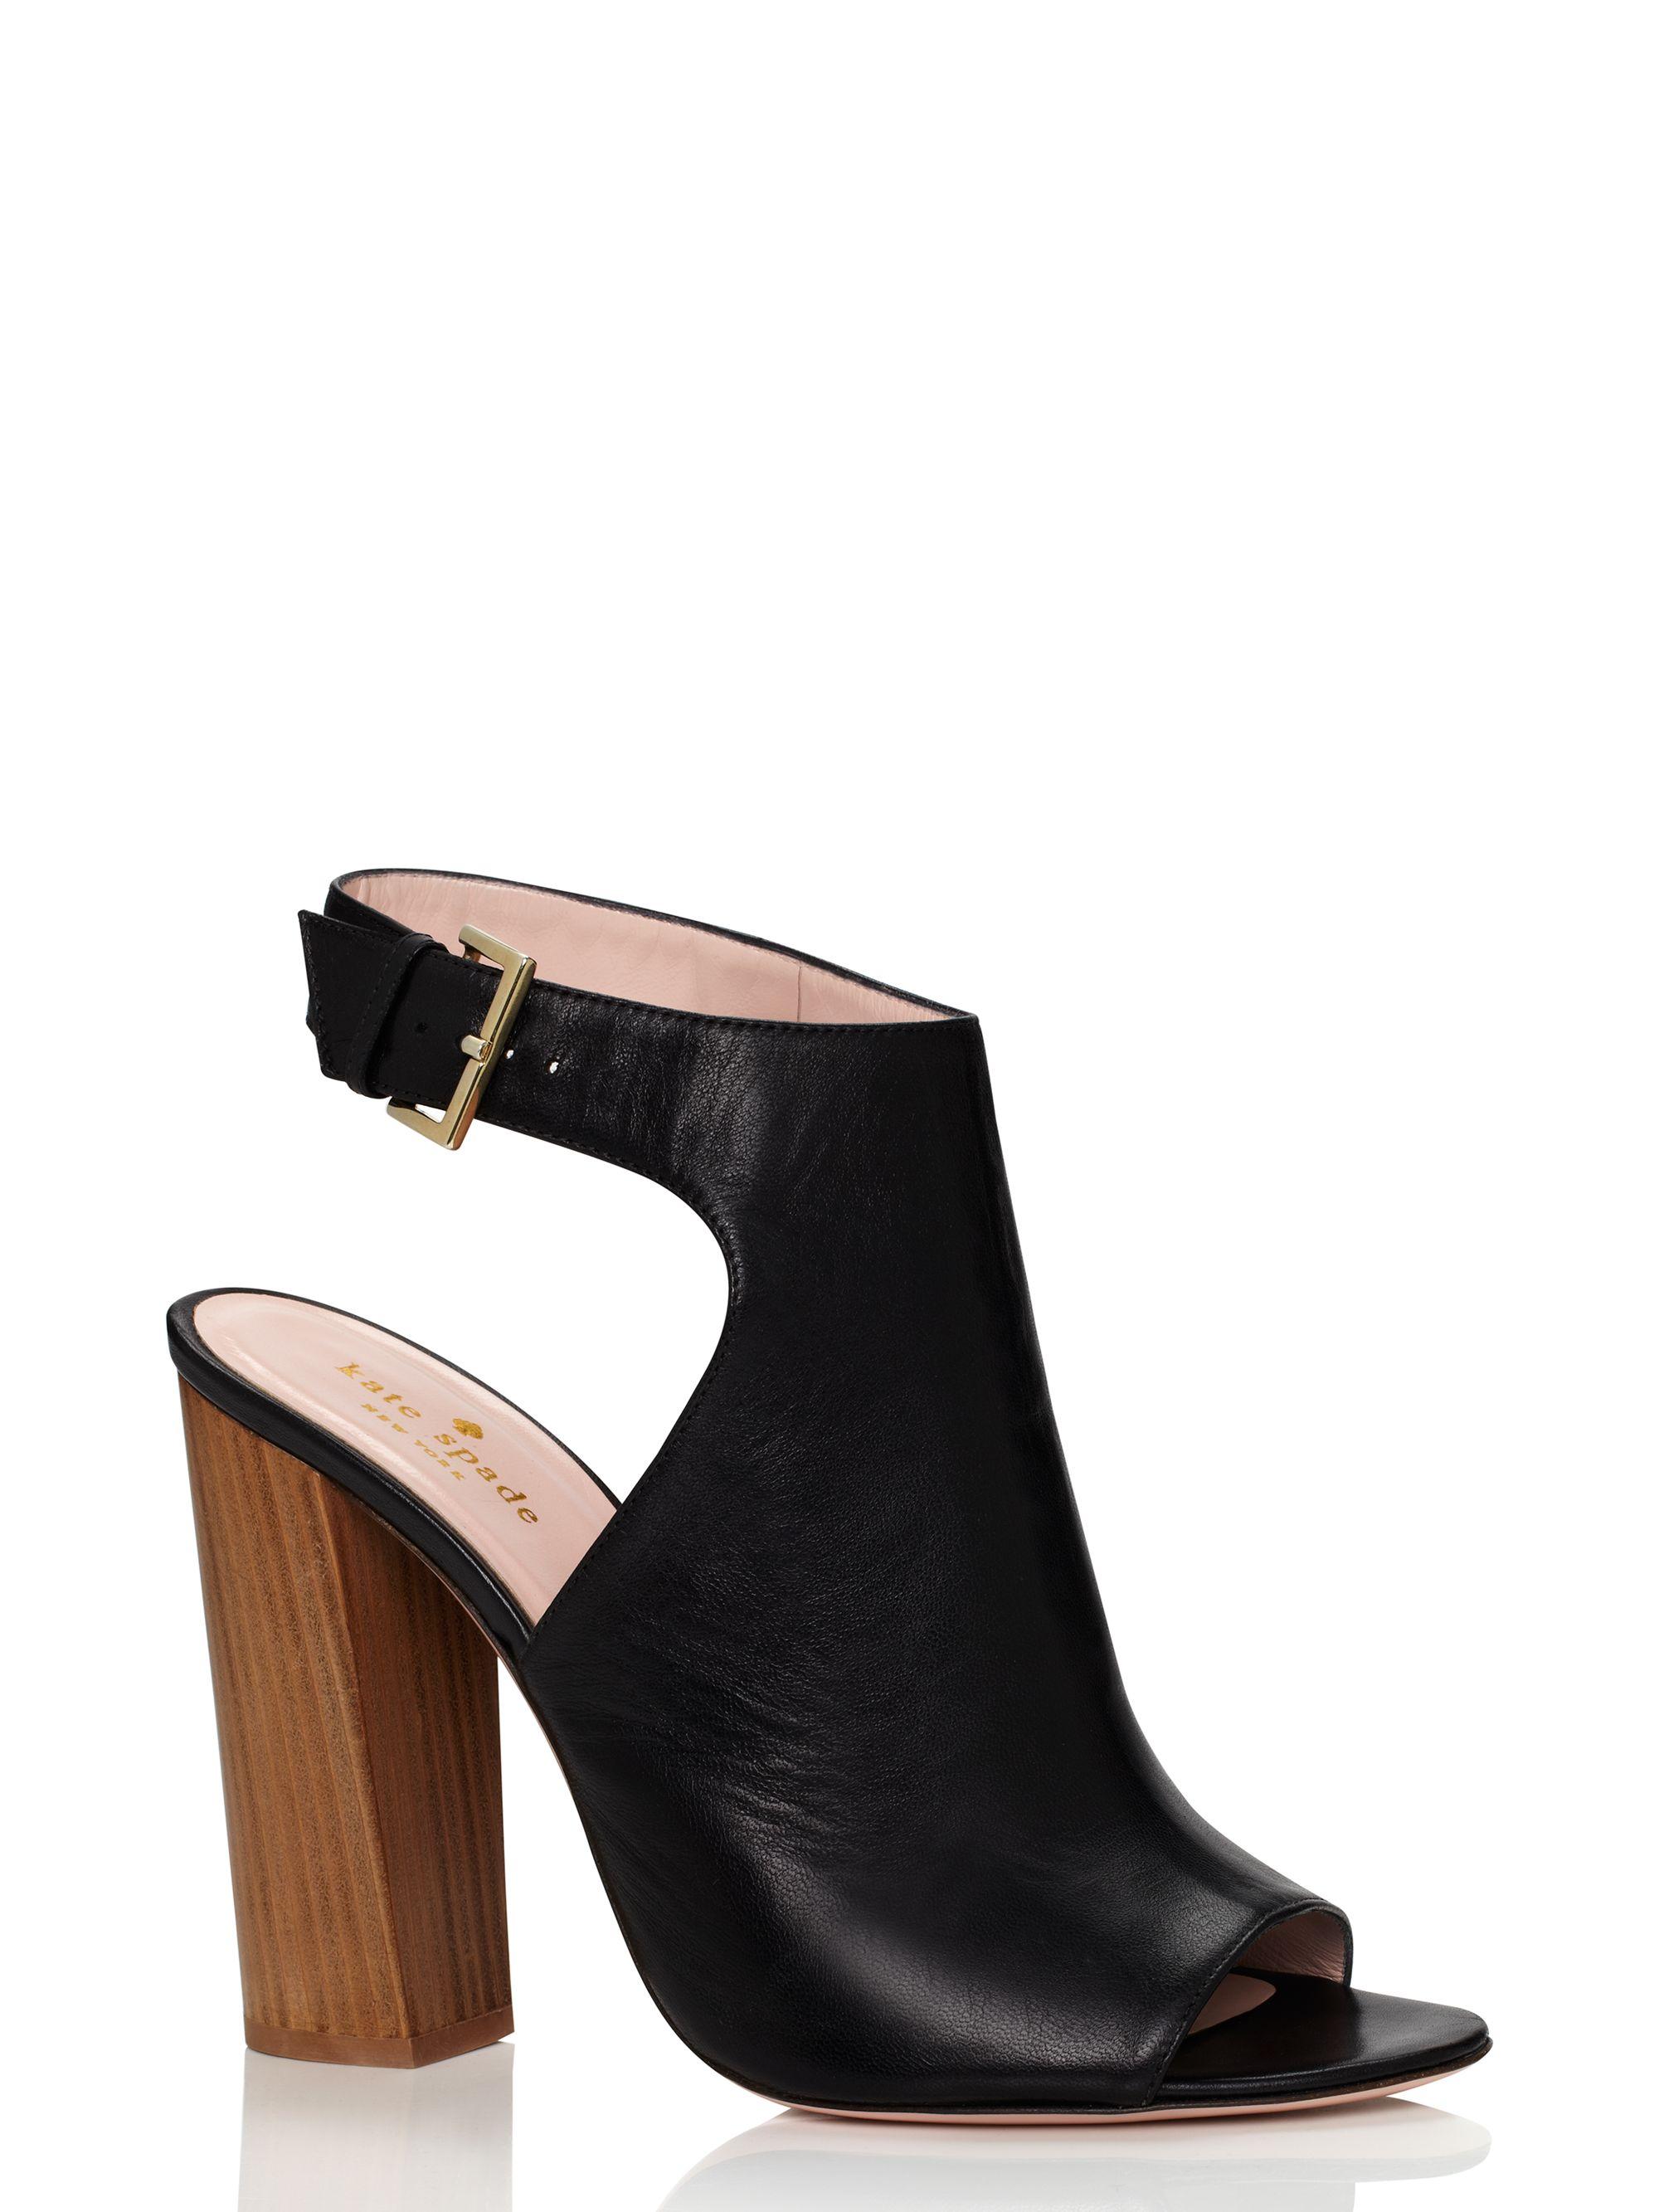 Kate Spade Ingrada Heels in Black - Lyst